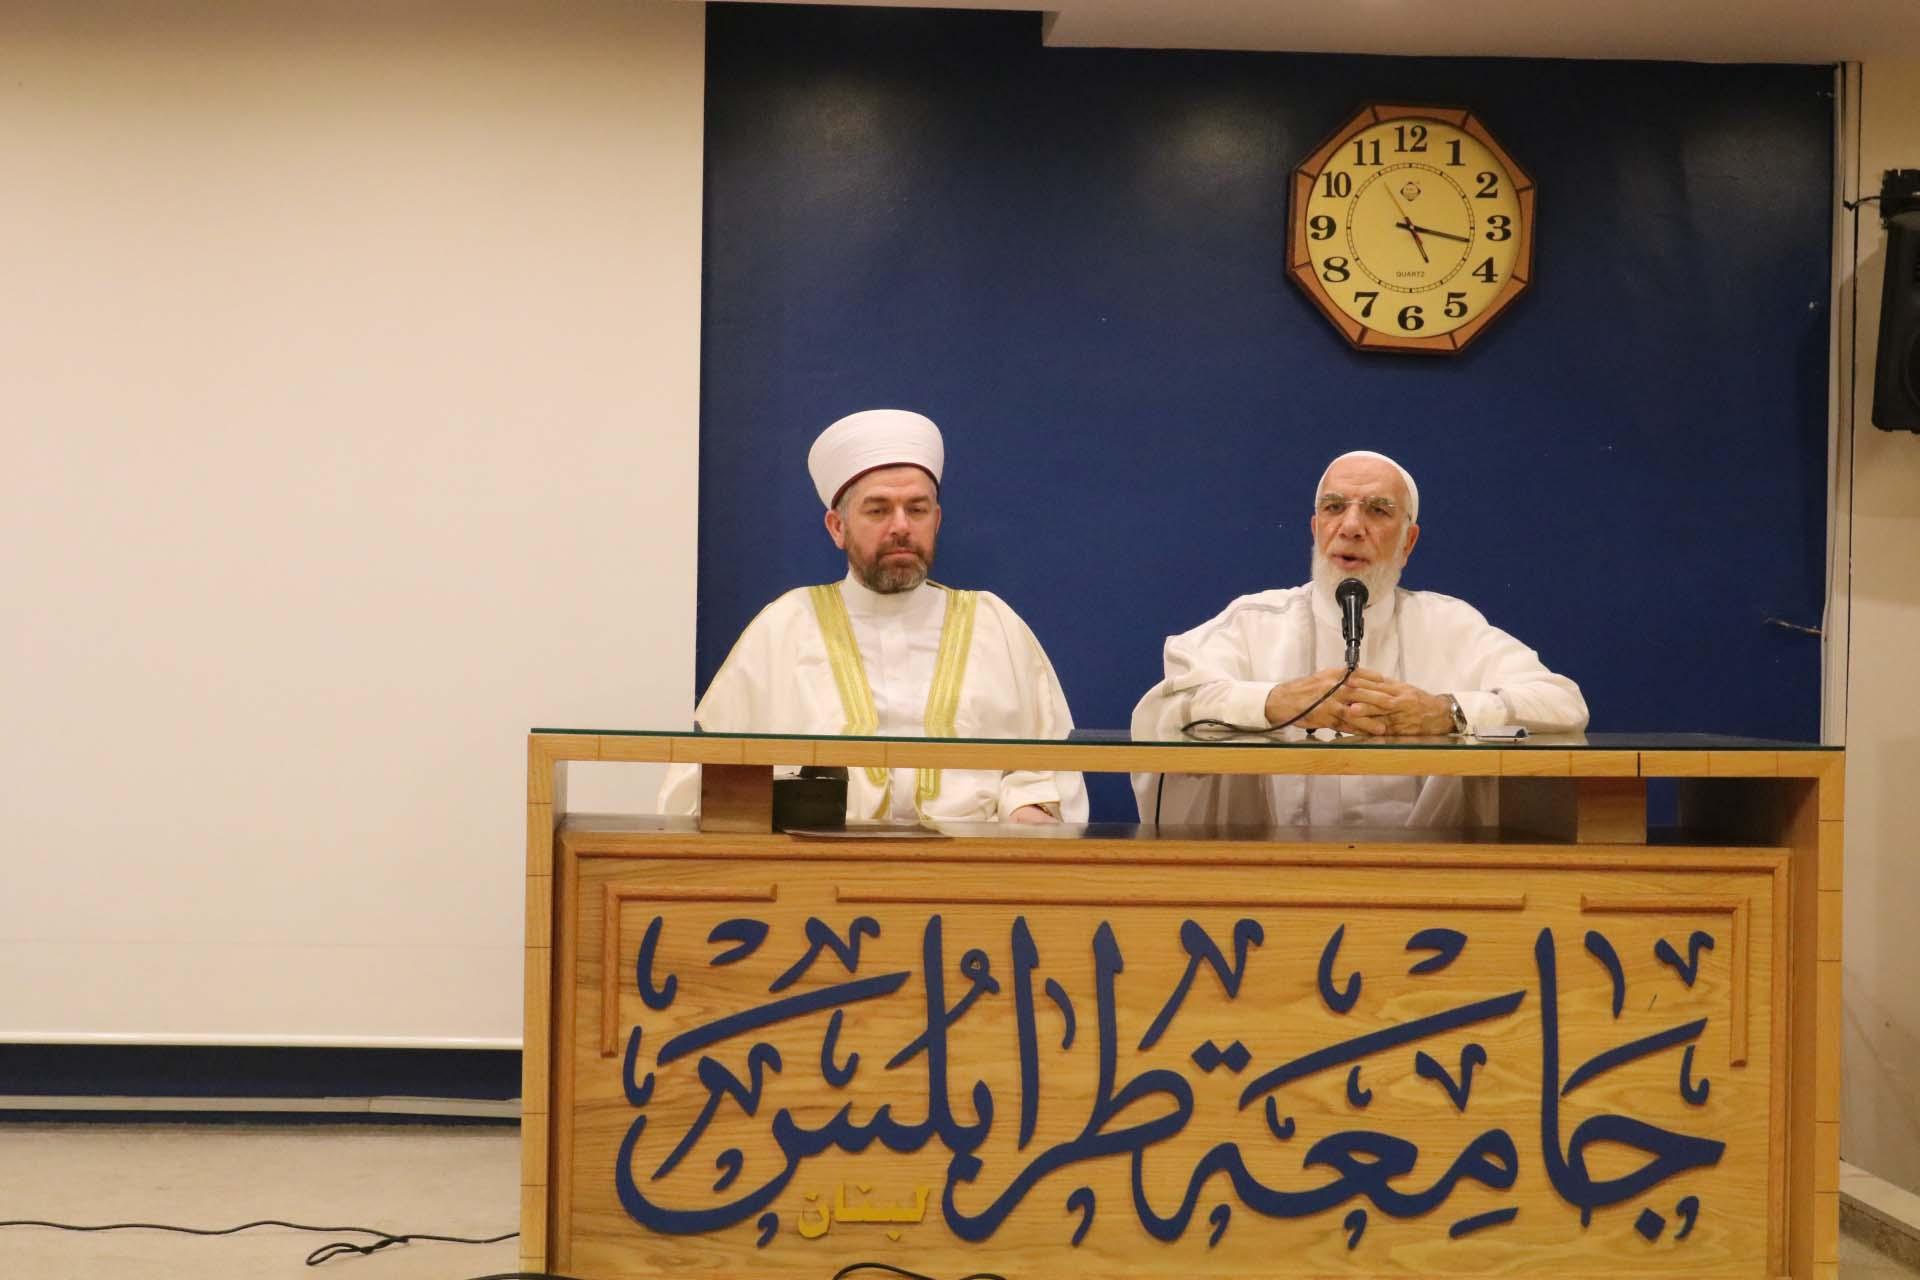 الداعية الدكتور عمر عبد الكافي محاضراً في جامعة طرابلس (1/5)